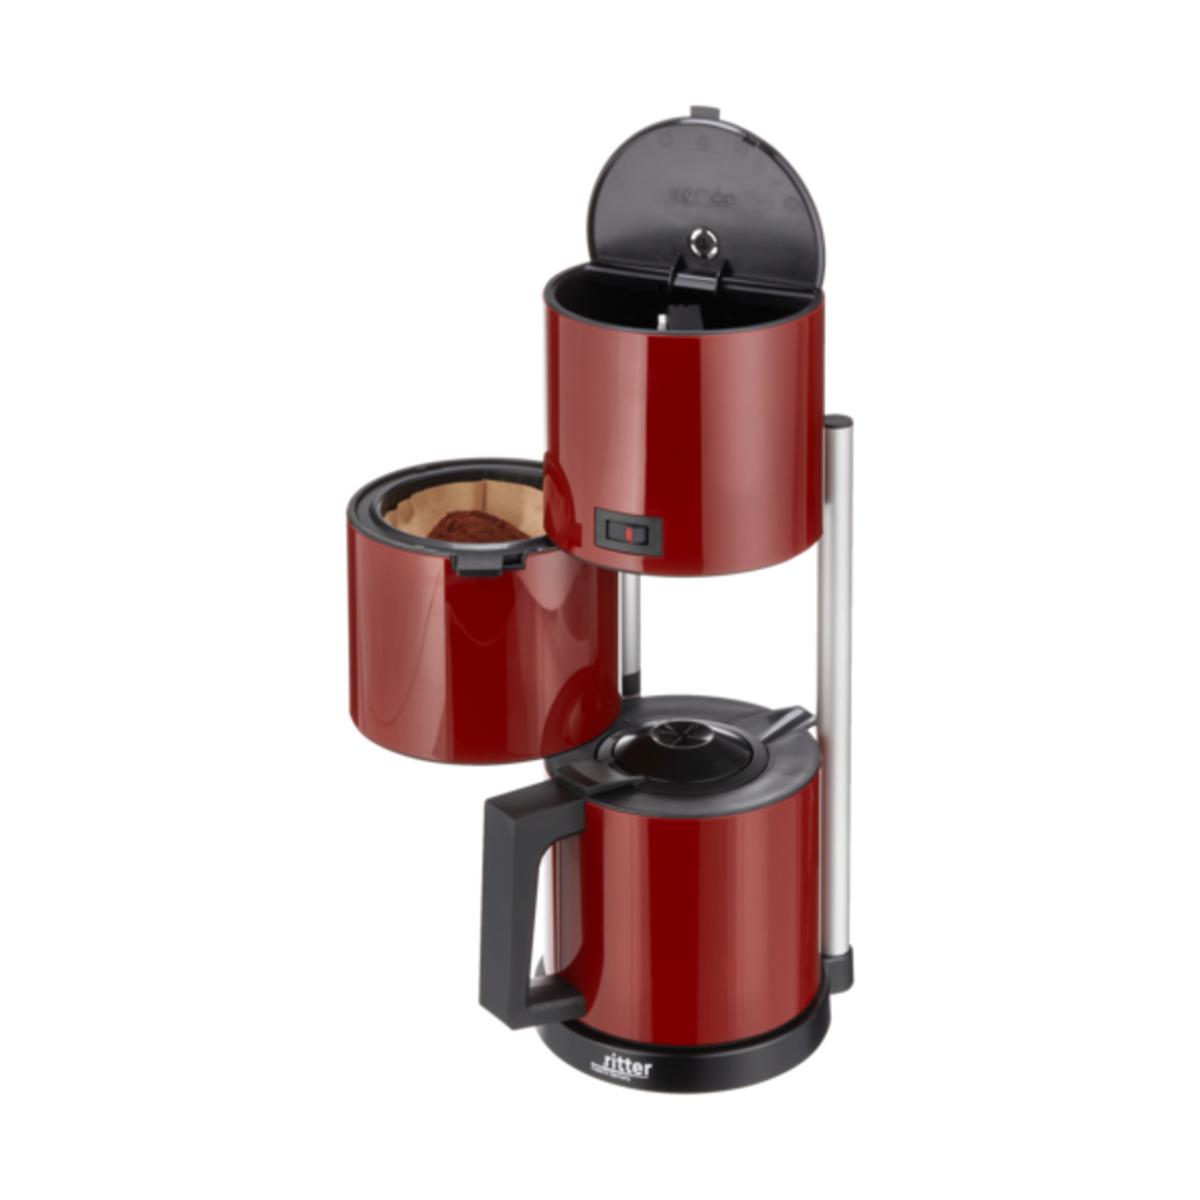 Bild 3 von Kaffeemaschine ritter Cafena 5, rot